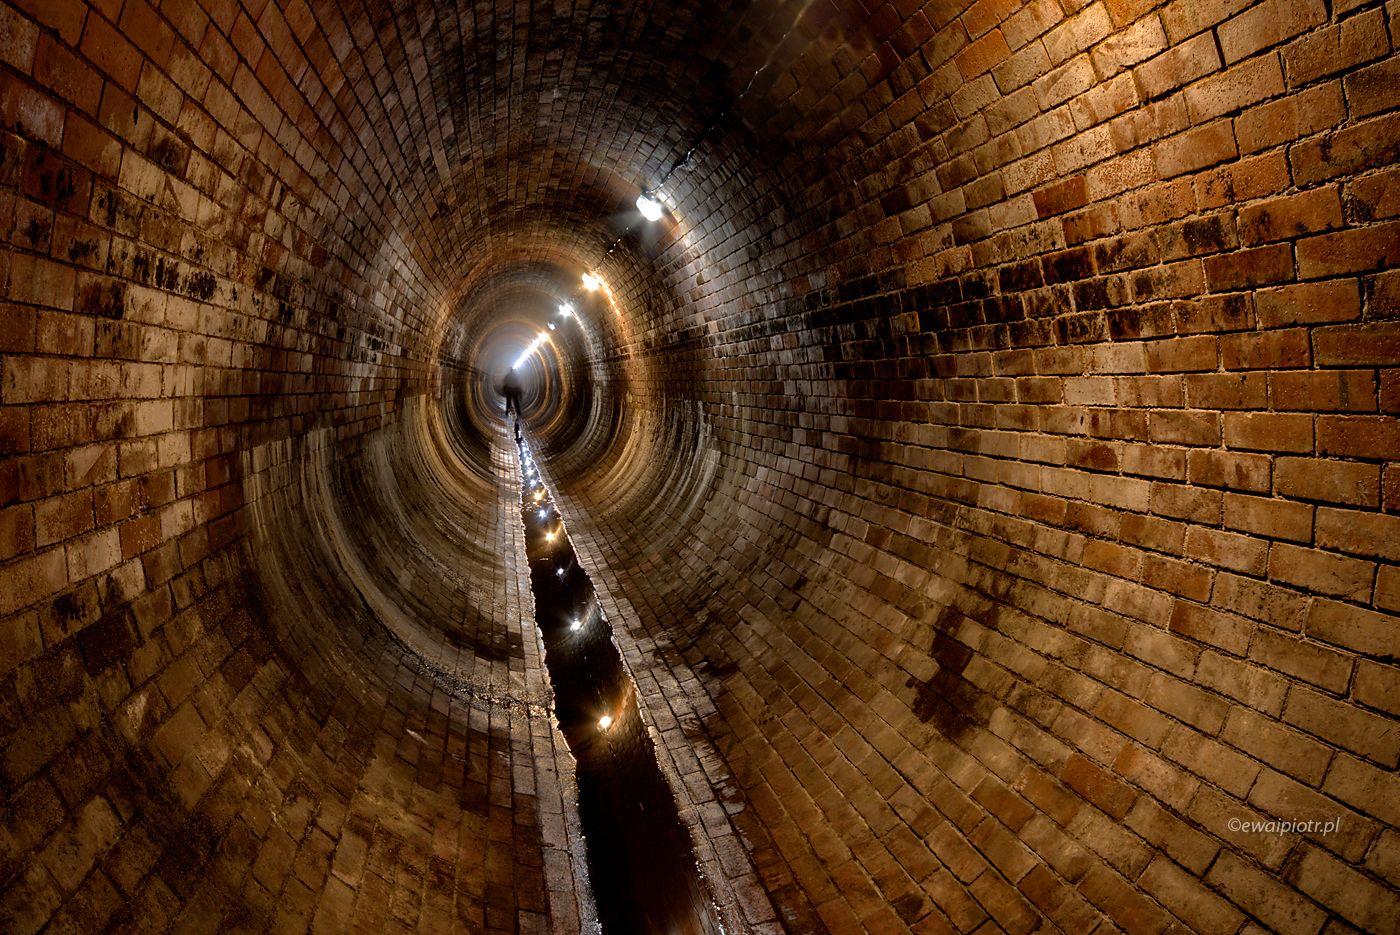 Człowiek w tunelu, Stara Cistirna, Praga